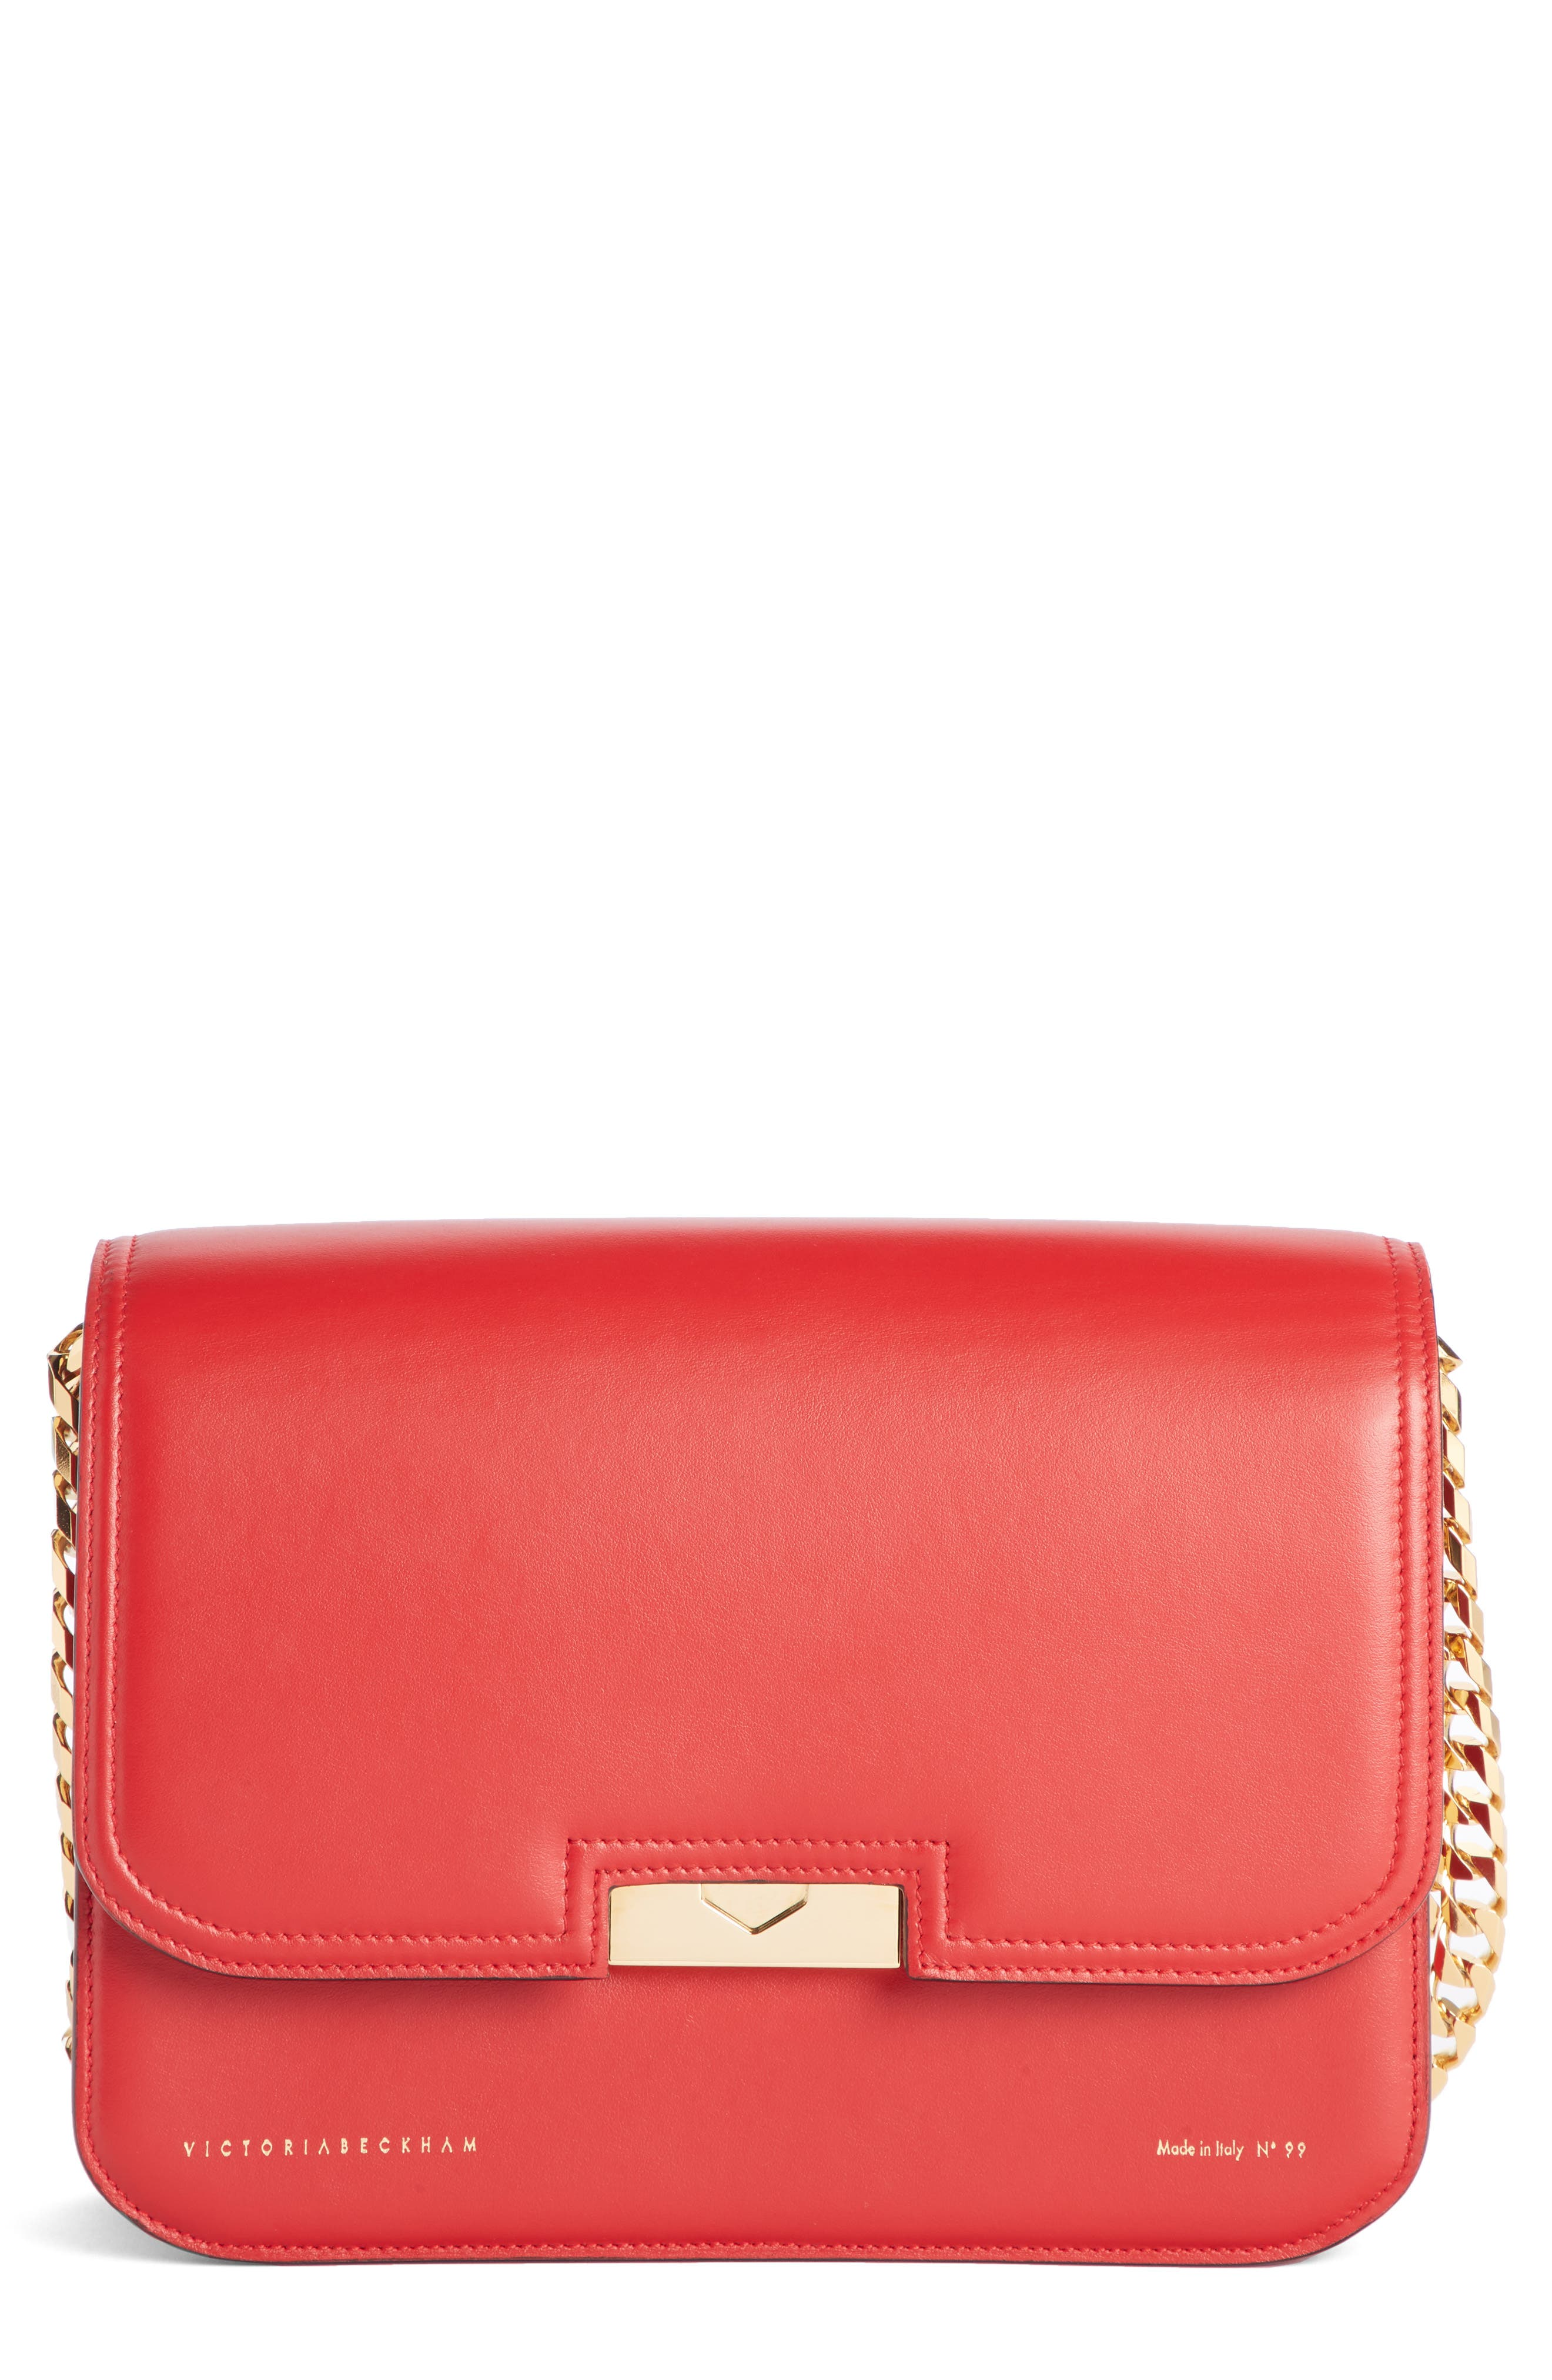 VICTORIA BECKHAM, Eva Leather Shoulder Bag, Main thumbnail 1, color, RED